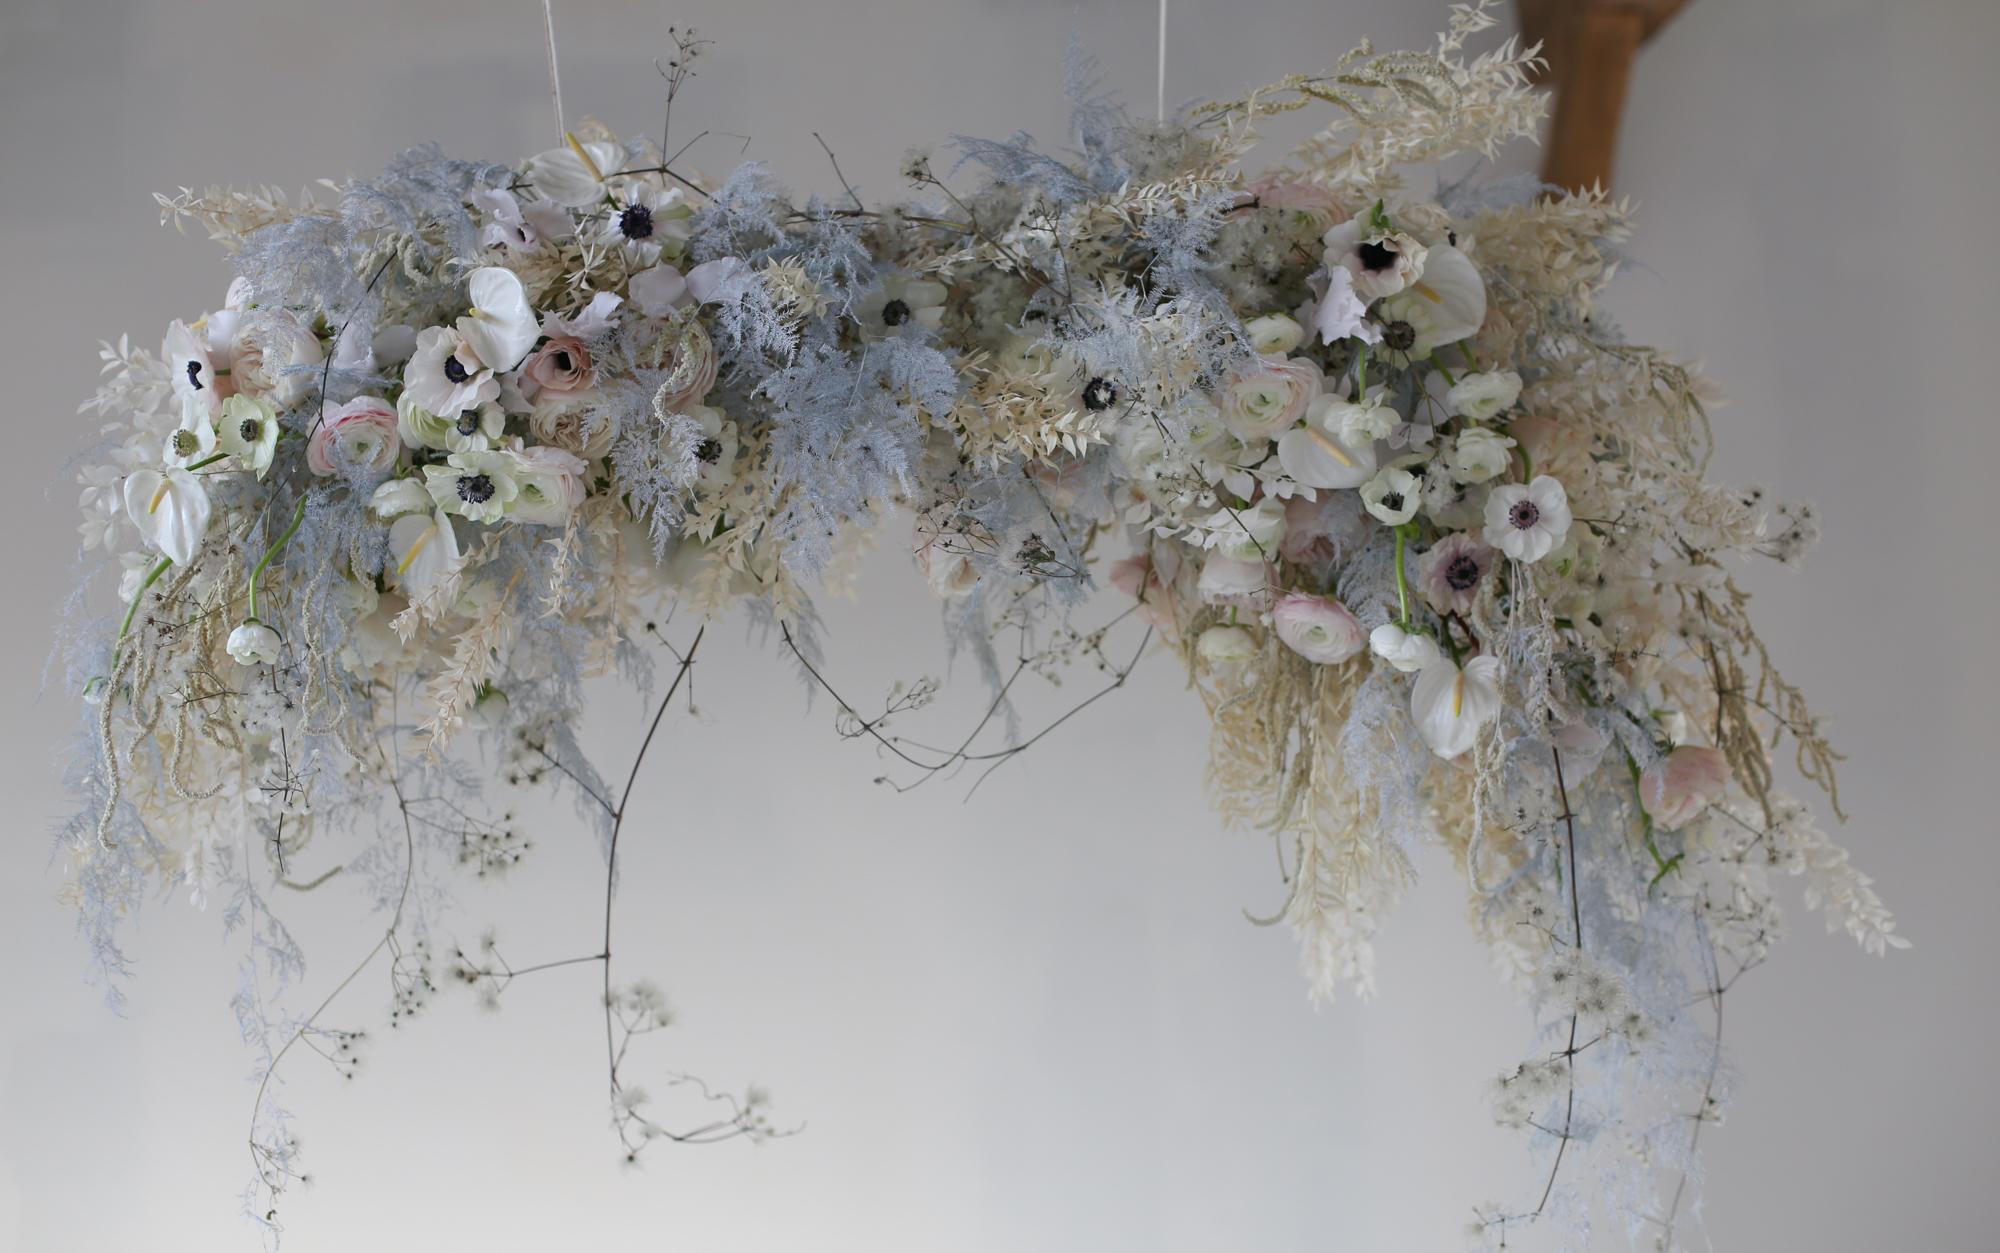 Suspension florale - Workshop mariage pour fleuristes